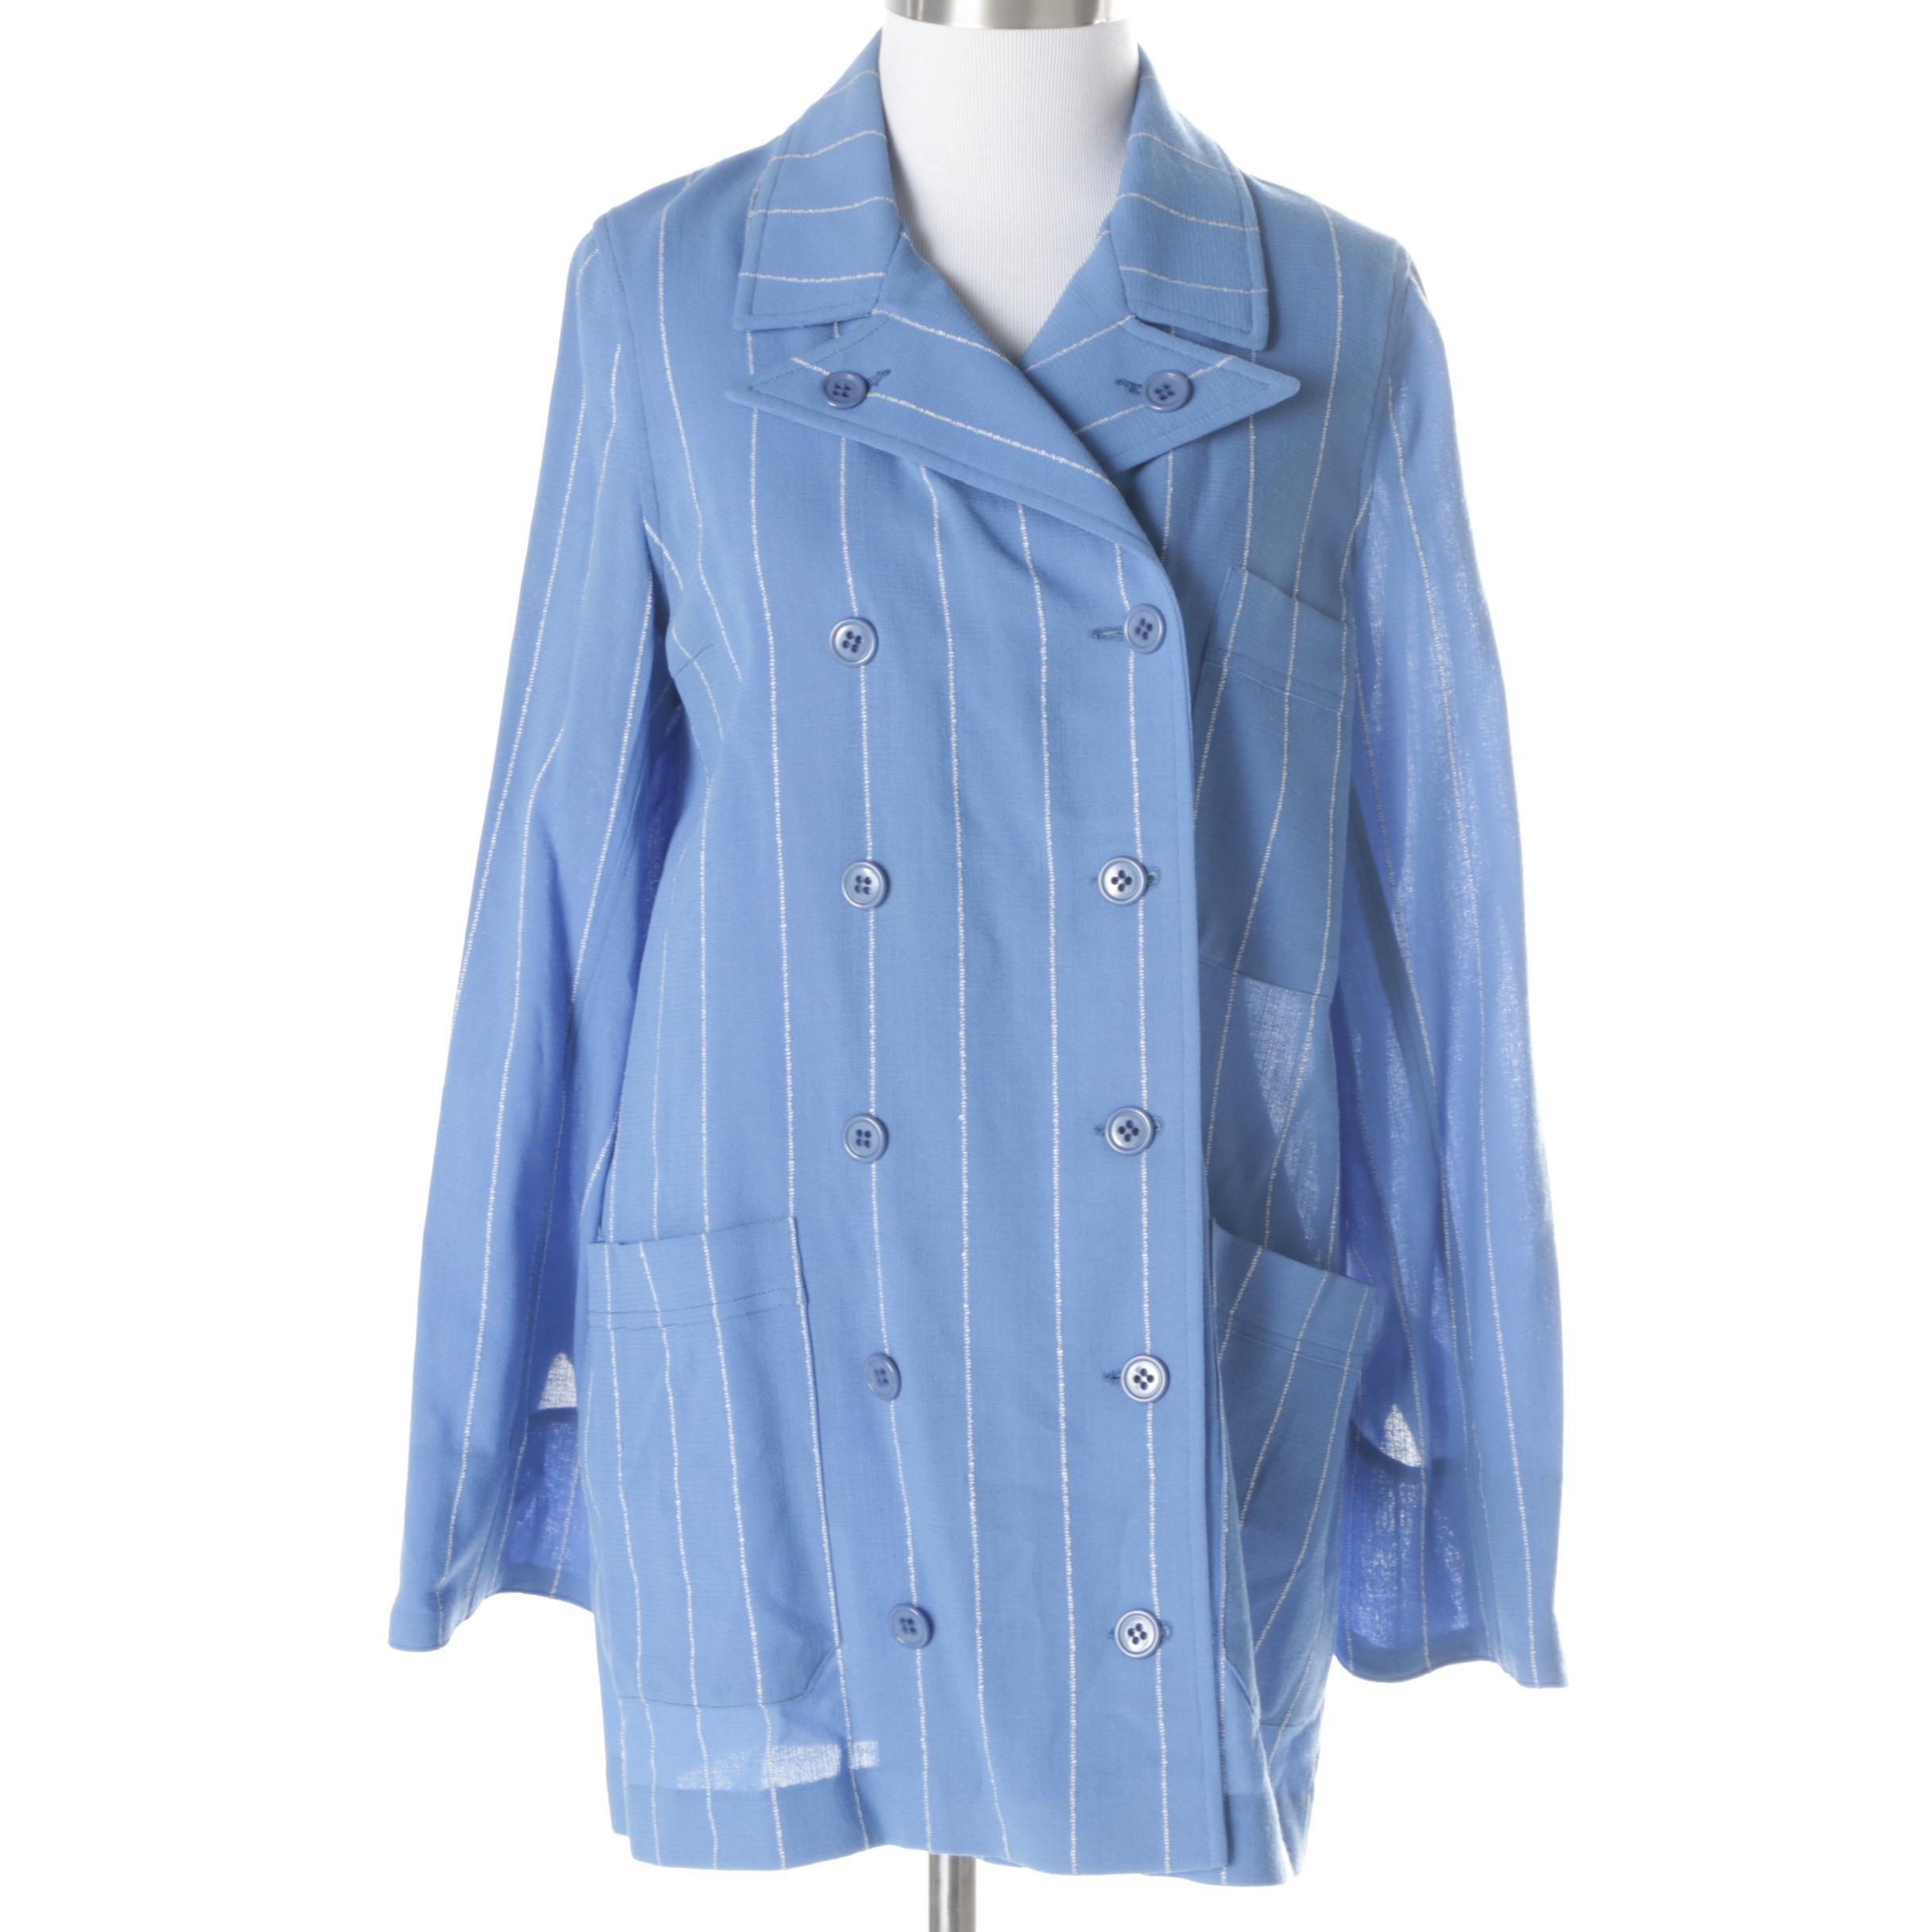 Women's Vintage Cardinali Pinstripe Jacket